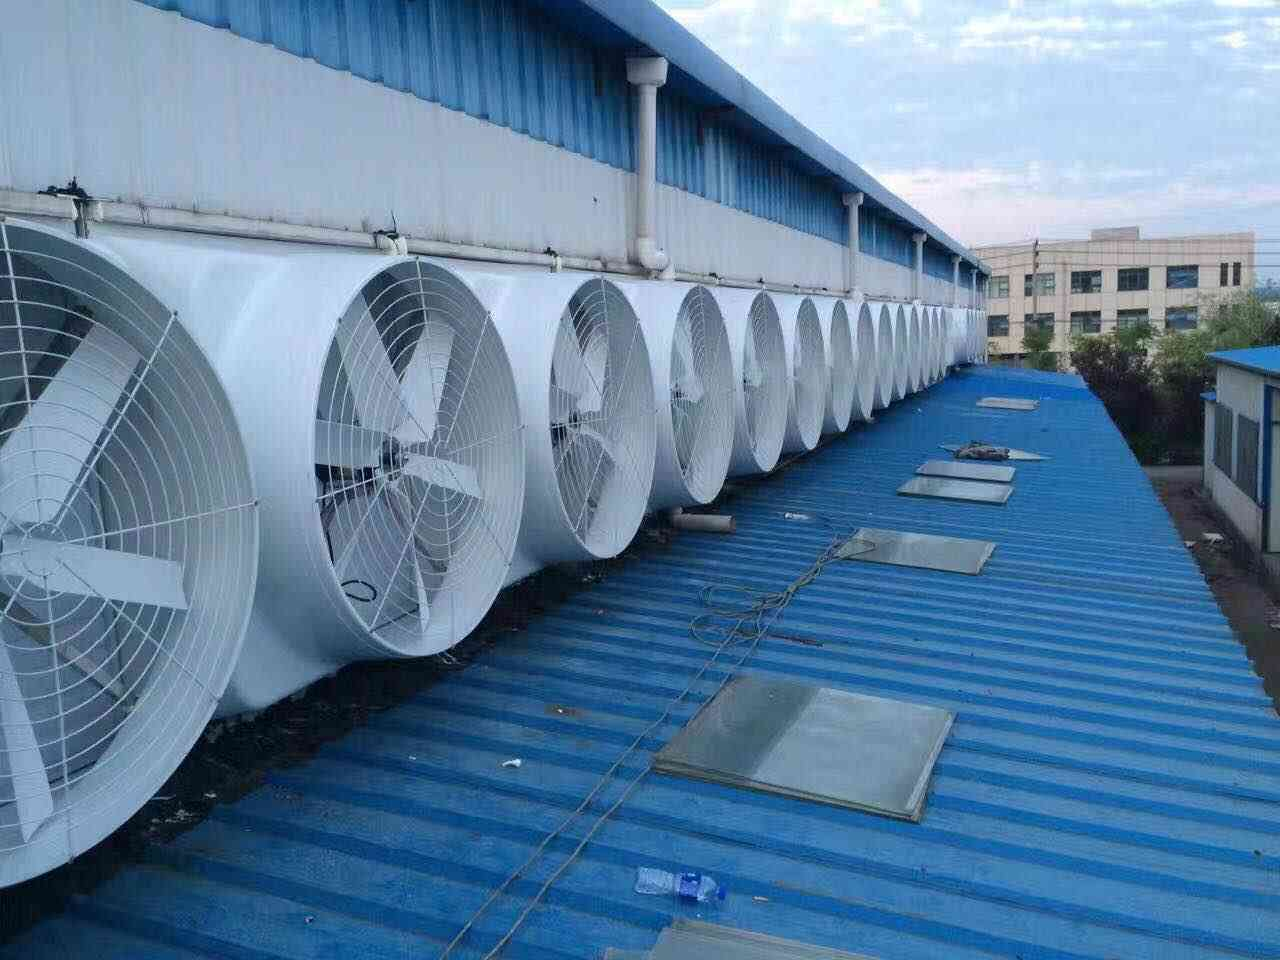 临沂直销负压风机专业生产 诚信互利 南京耀治环境设备供应